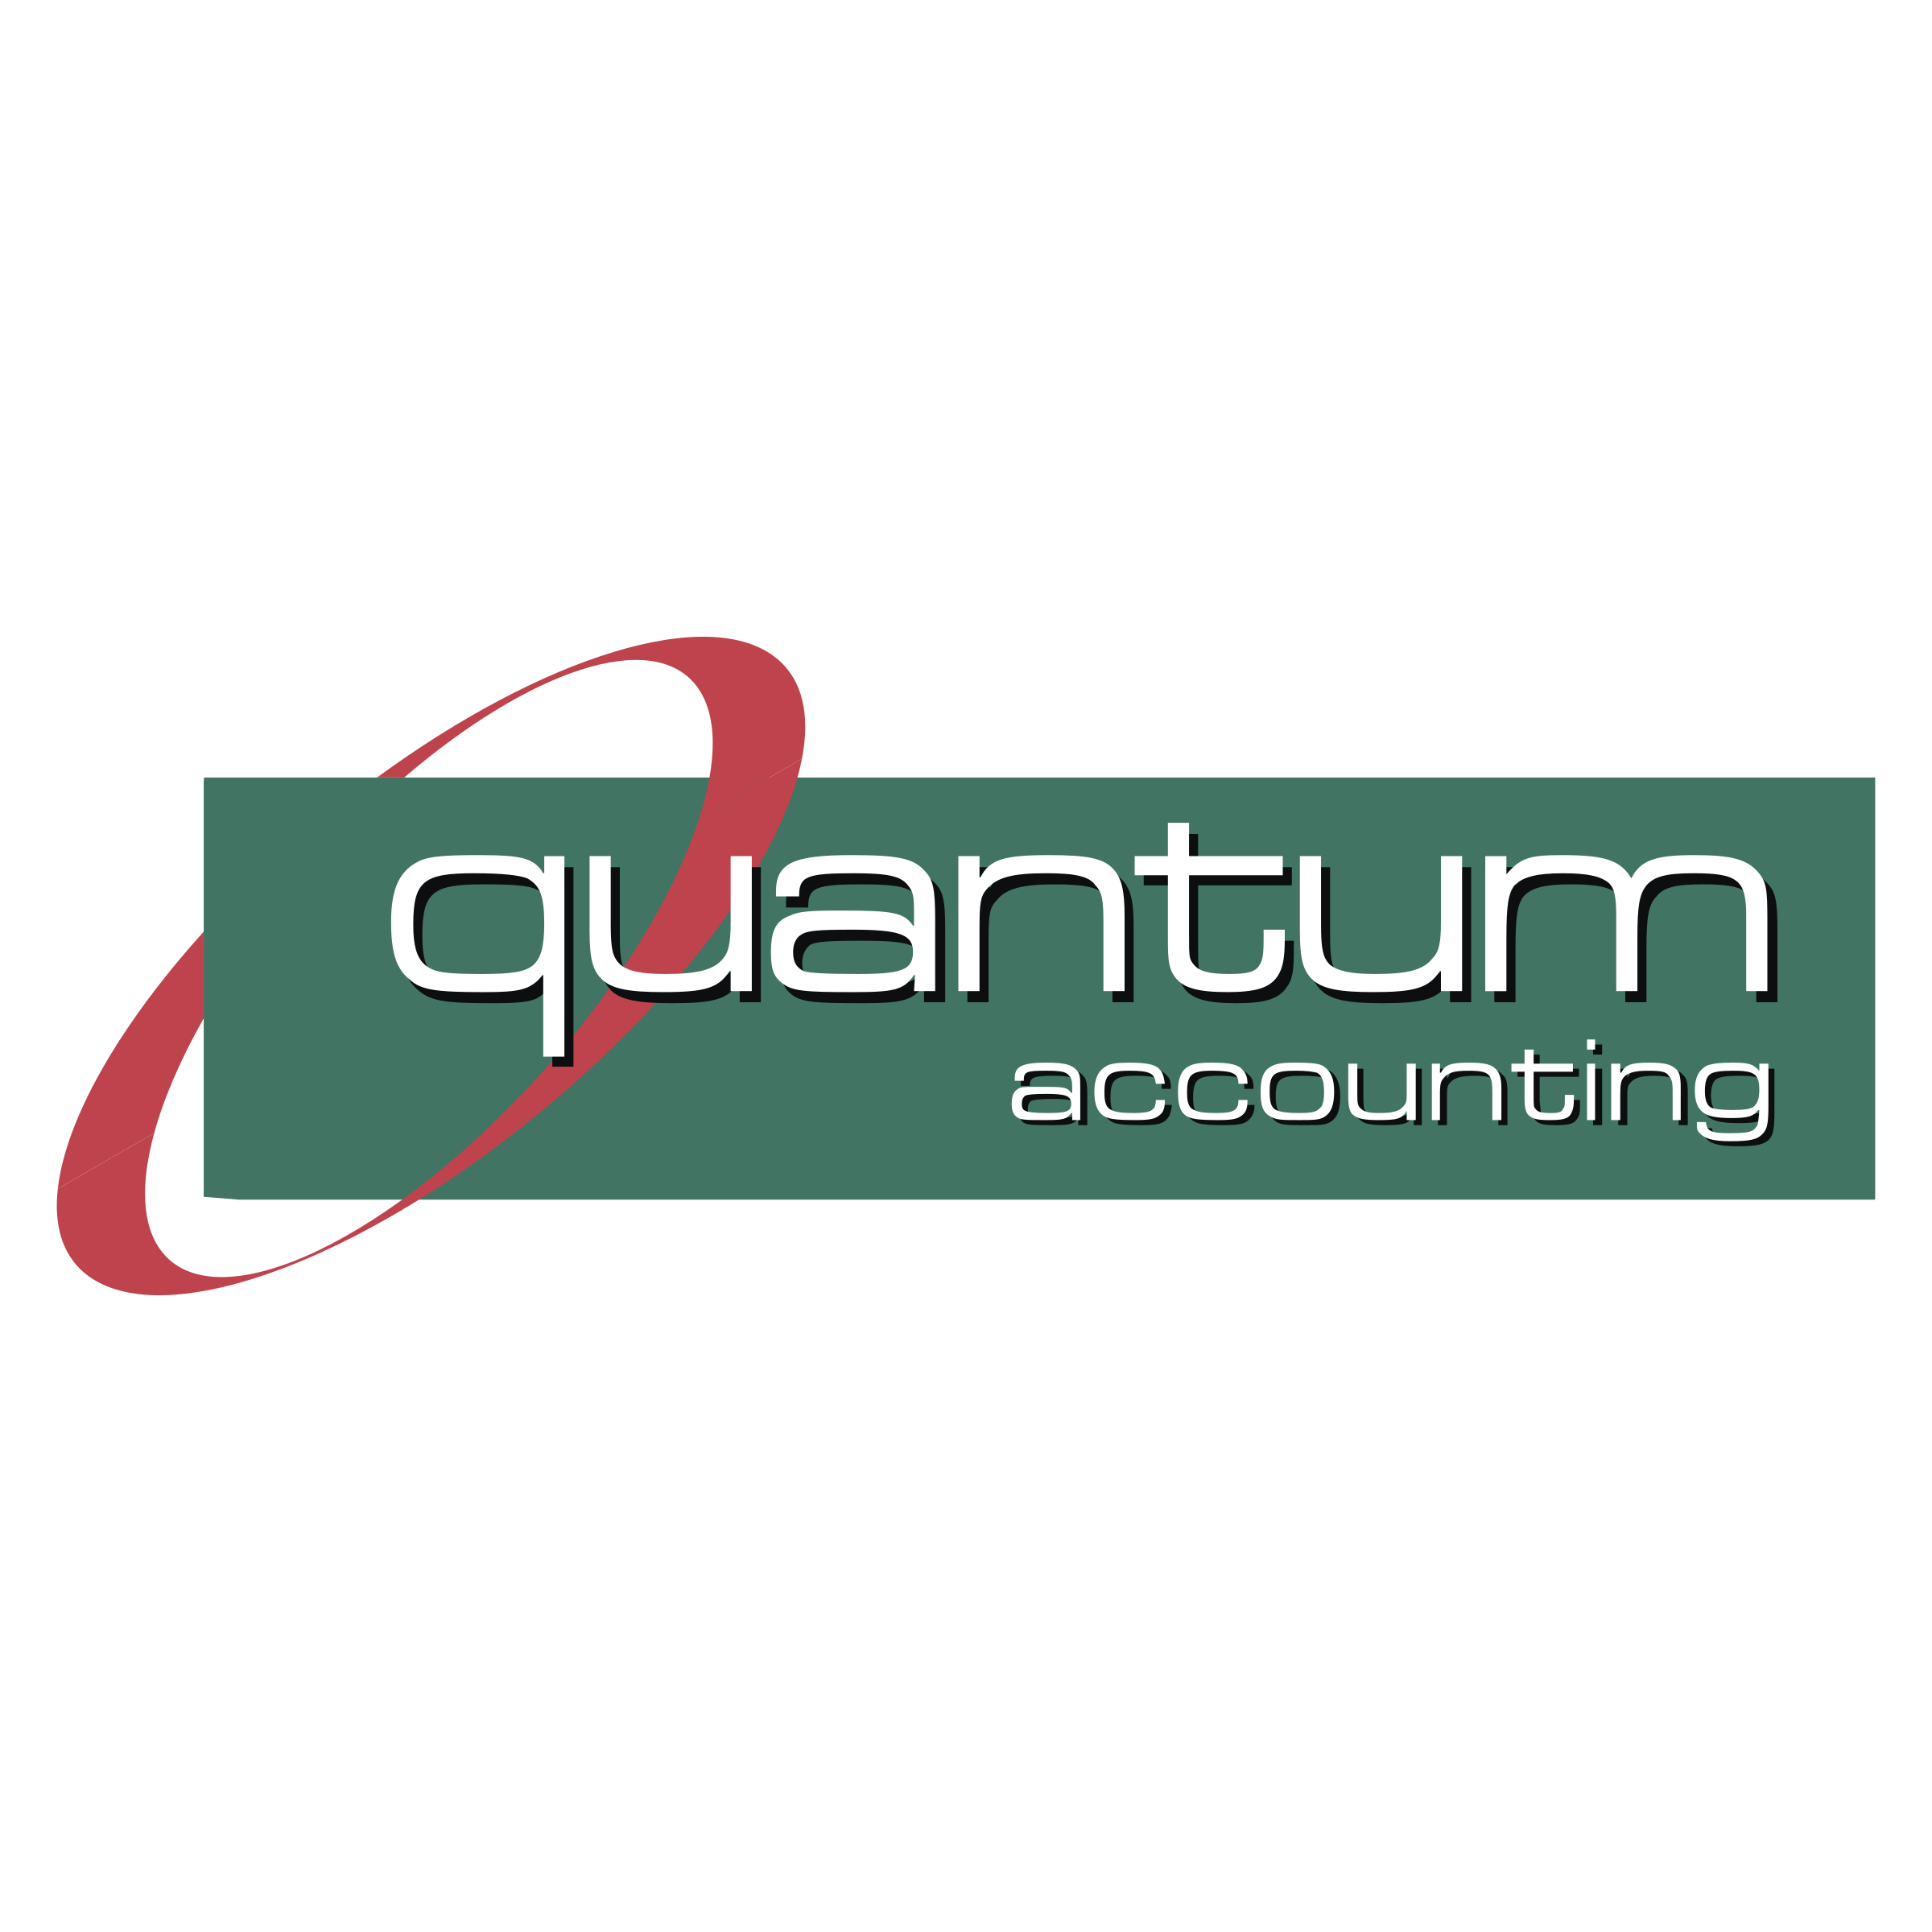 Quantum Accounting Logo PNG Transparent & SVG Vector.